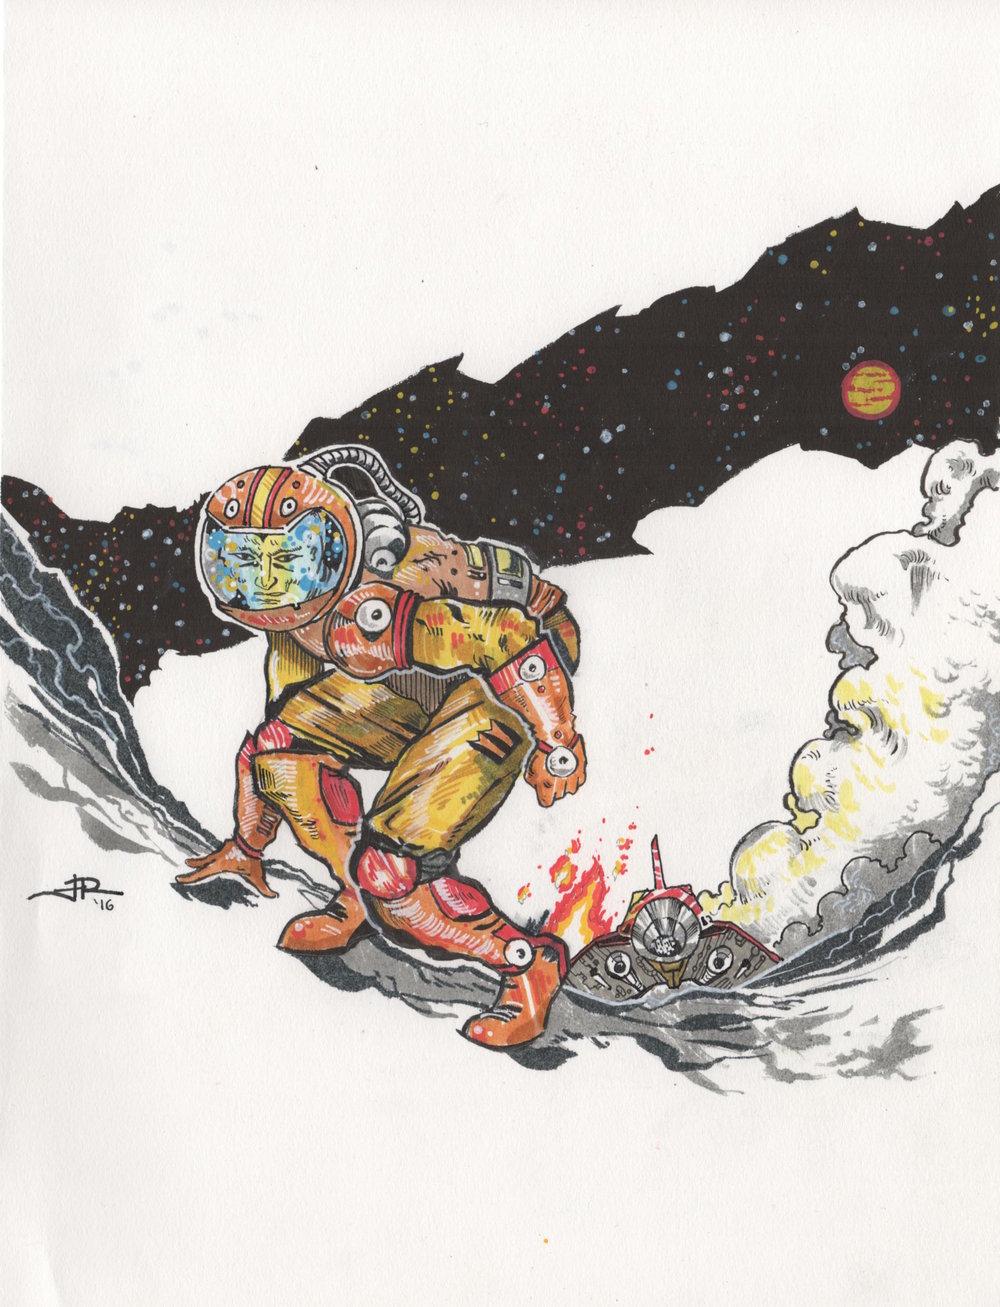 Lost_Spaceman.jpg